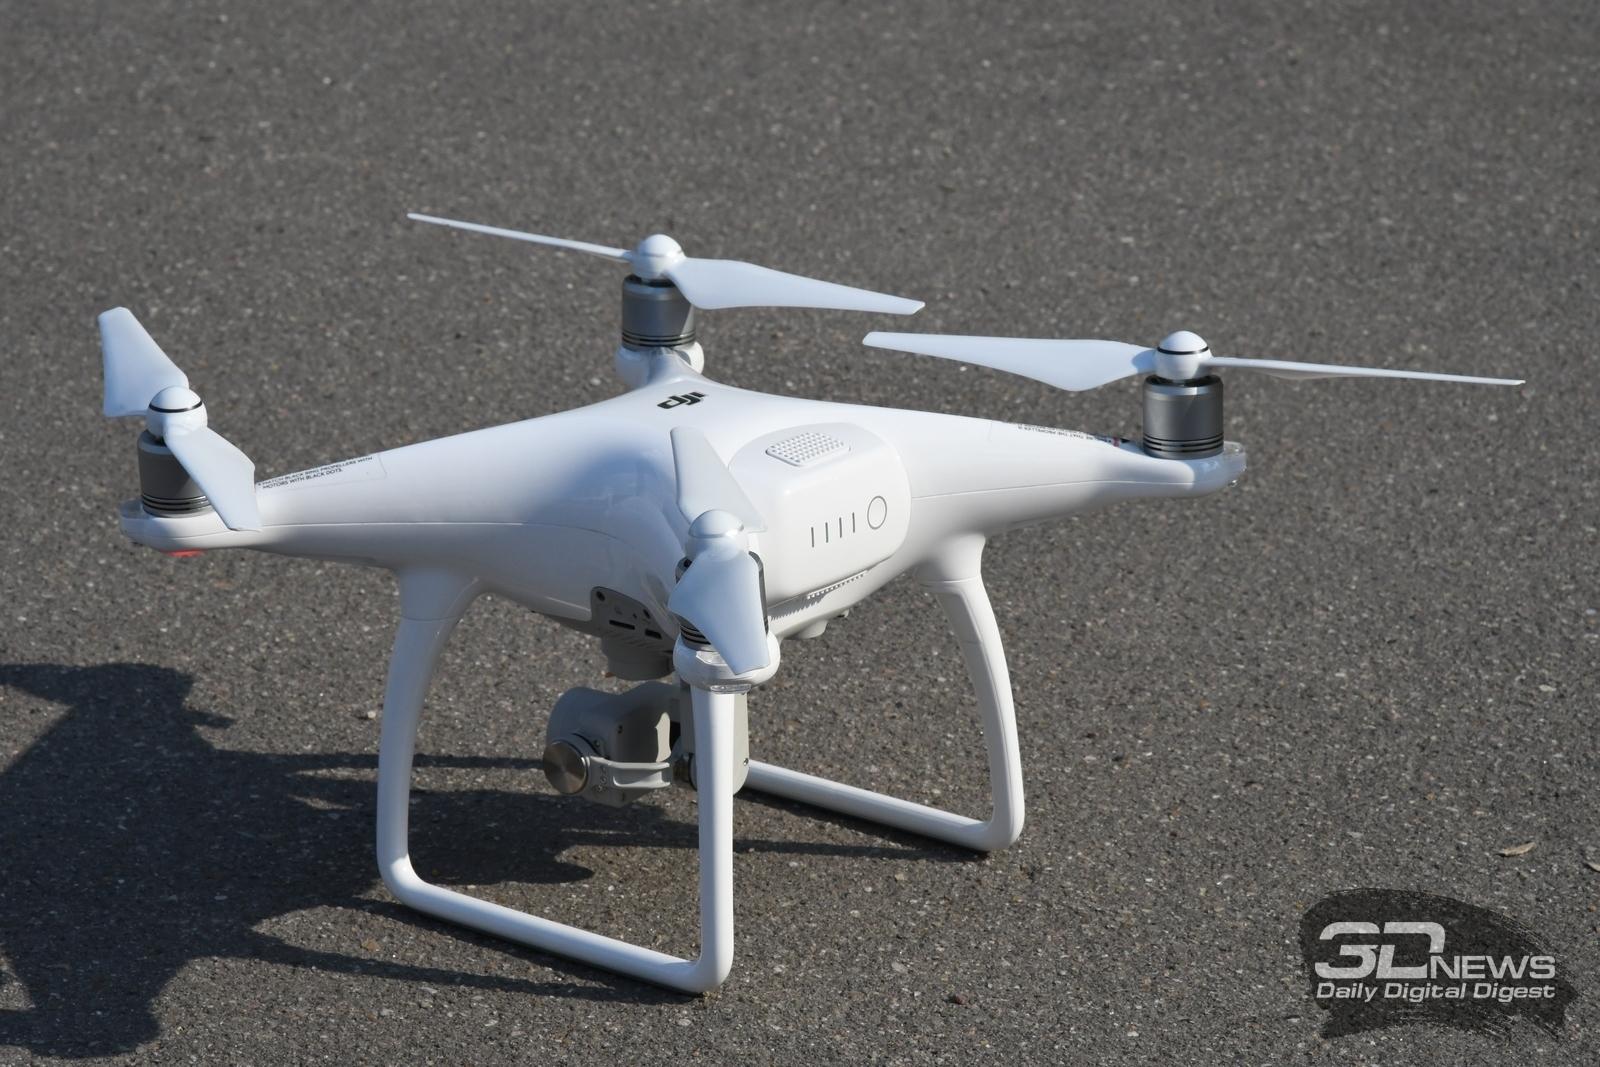 Обзор квадрокоптеров фантом защита камеры жесткая combo на avito